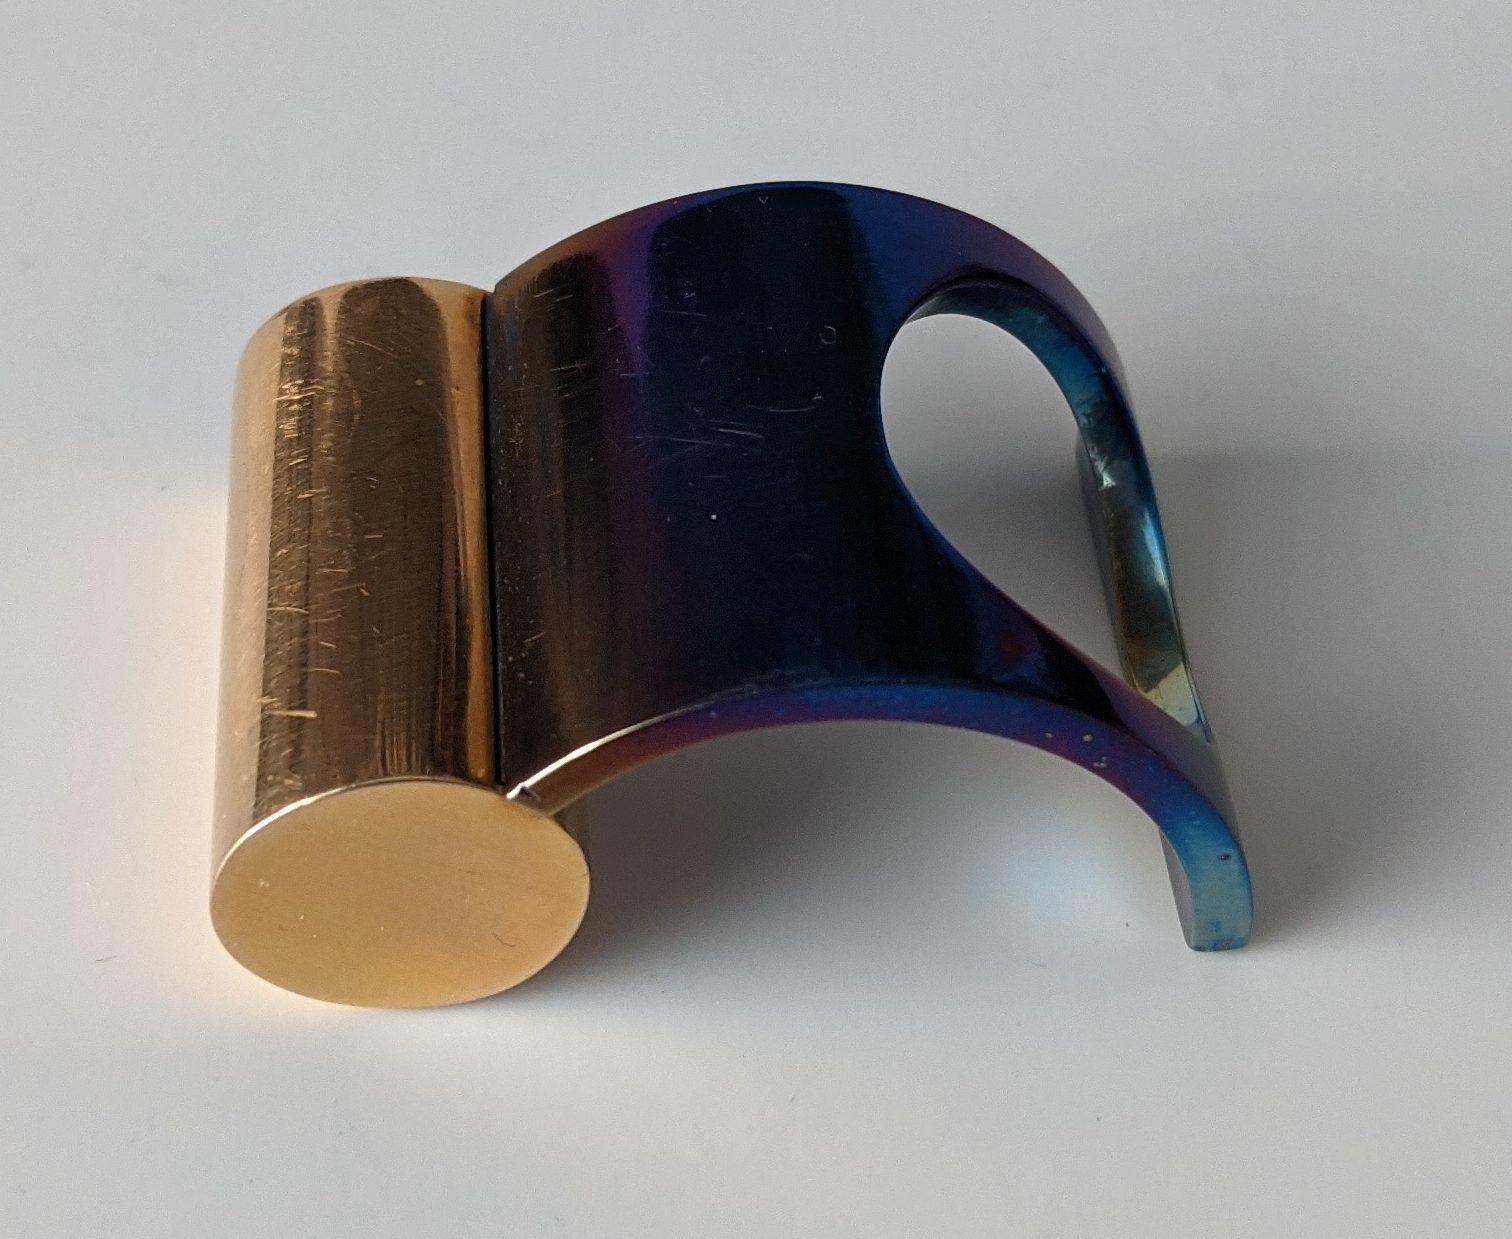 Karel Niehorster, ring, 1978. Collectie Paul Derrez & Willem Hoogstede. Foto Willem Hoogstede, door hitte gekleurd titanium, goud